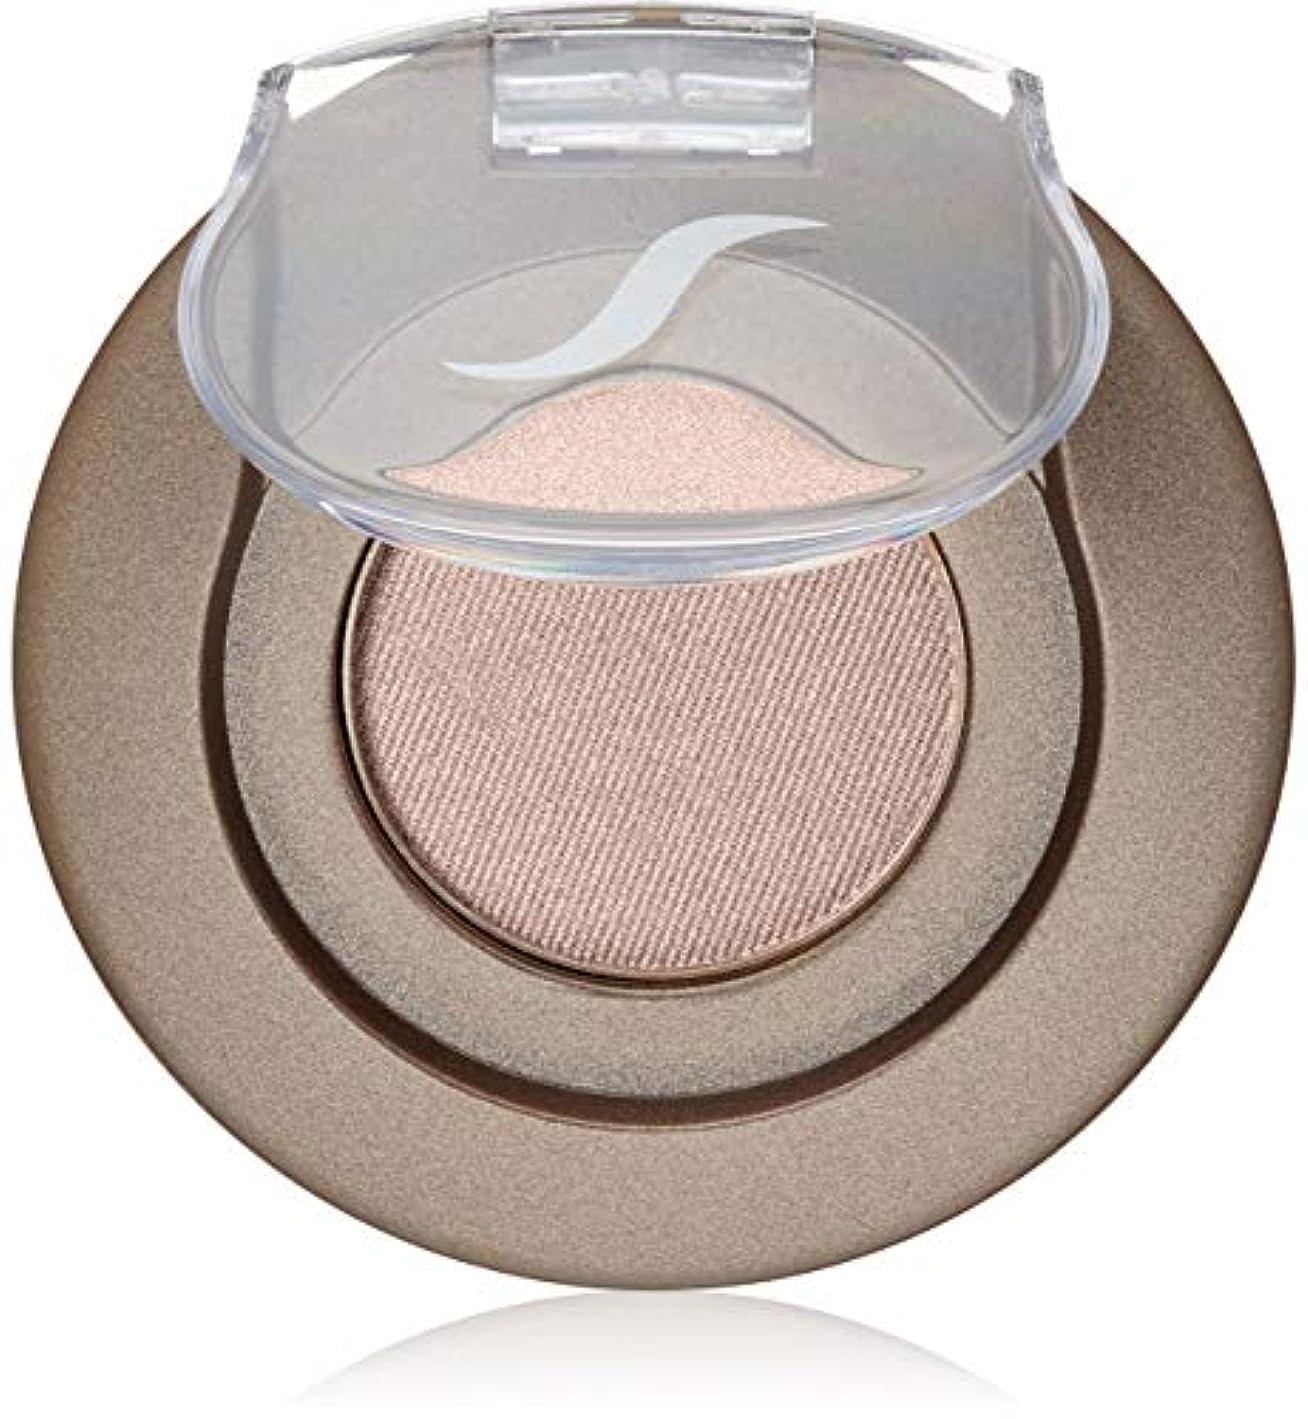 狂乱メイエラ変化Sorme' Treatment Cosmetics Sorme化粧品ミネラルボタニカルアイシャドー、0.05オンス 0.05オンス フラッシュ